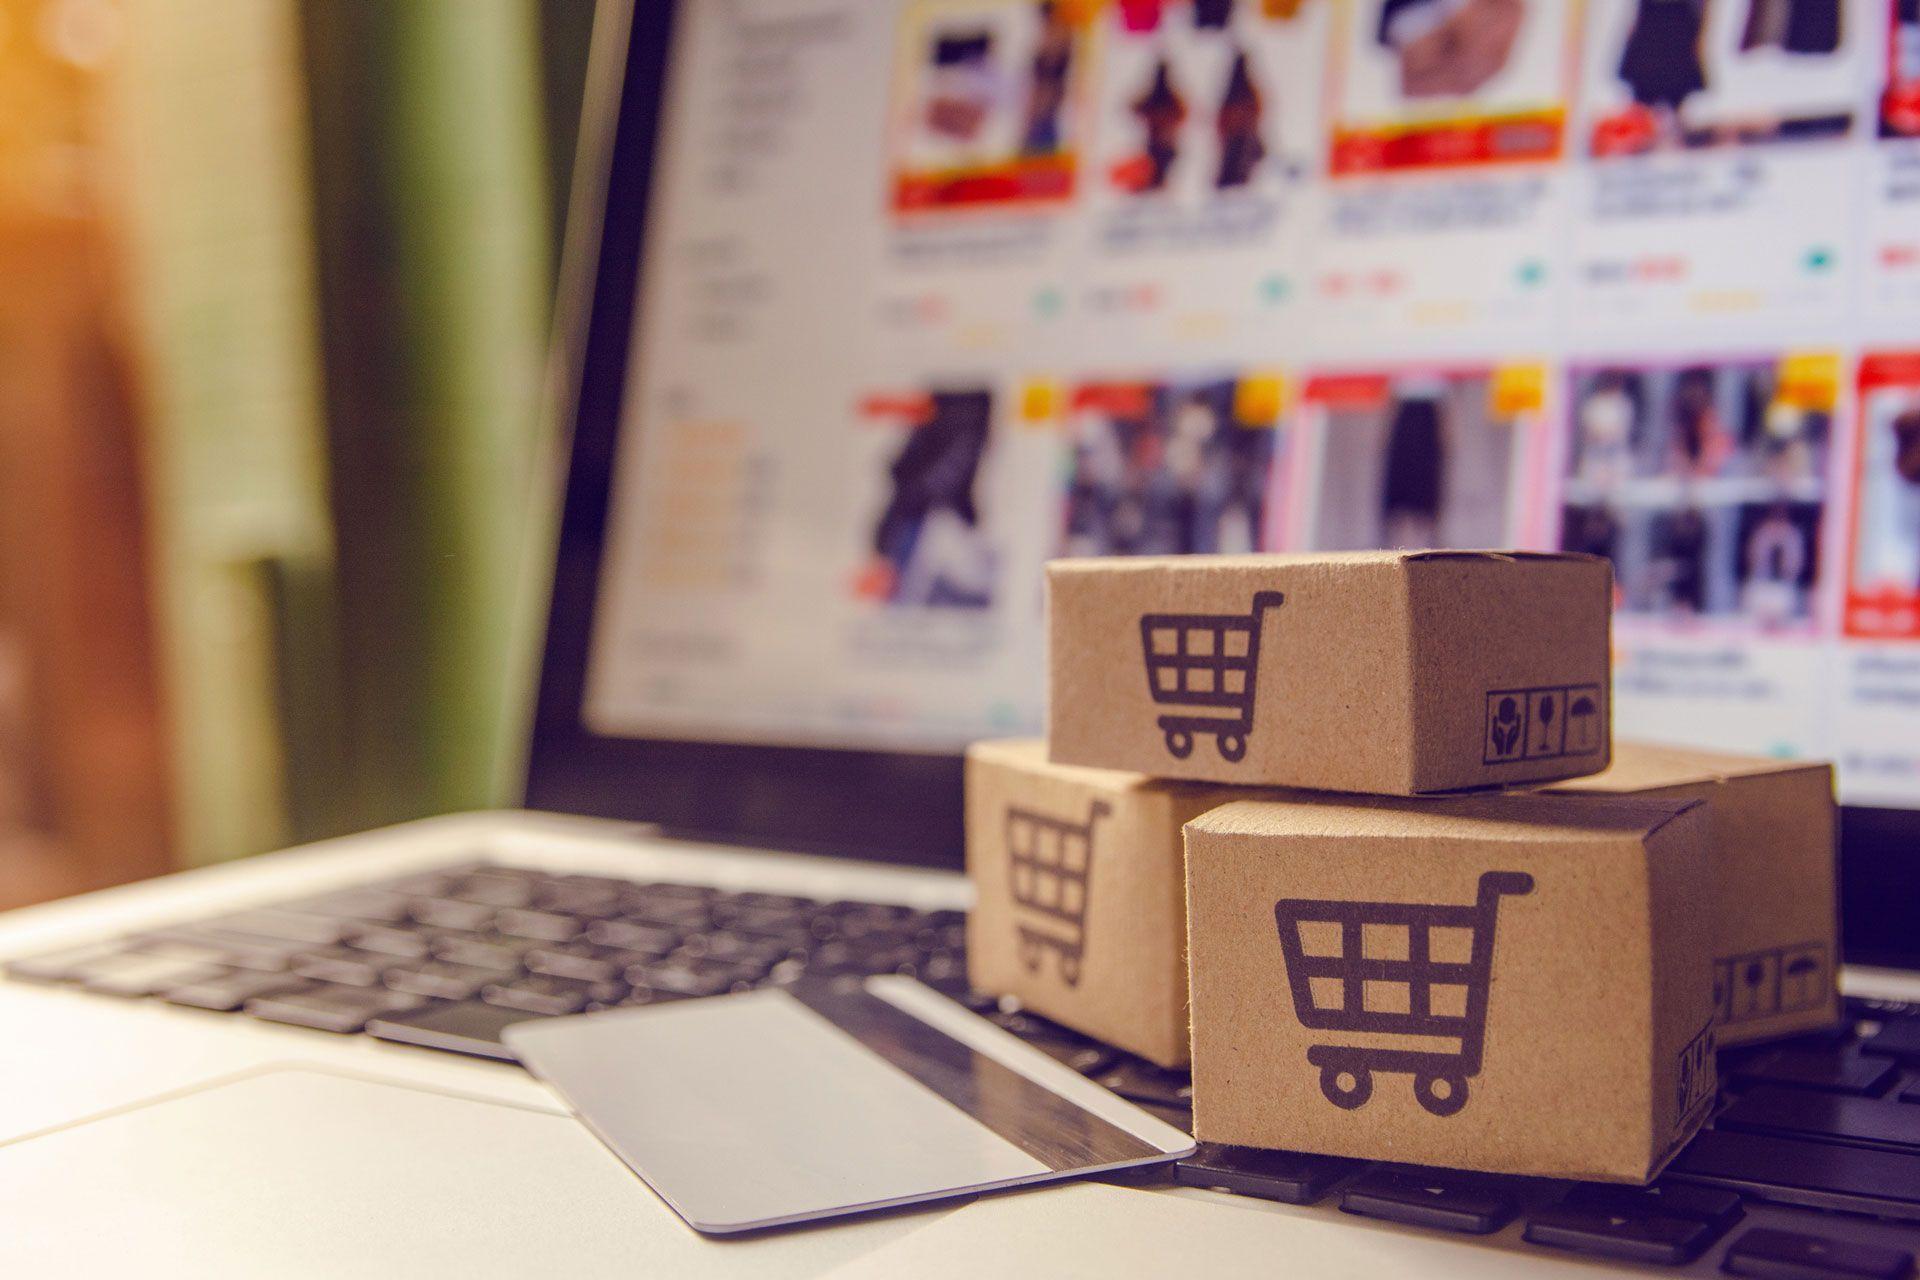 Critical Software Bringt Ein Neues E-Commerce-Angebot Auf Den Markt